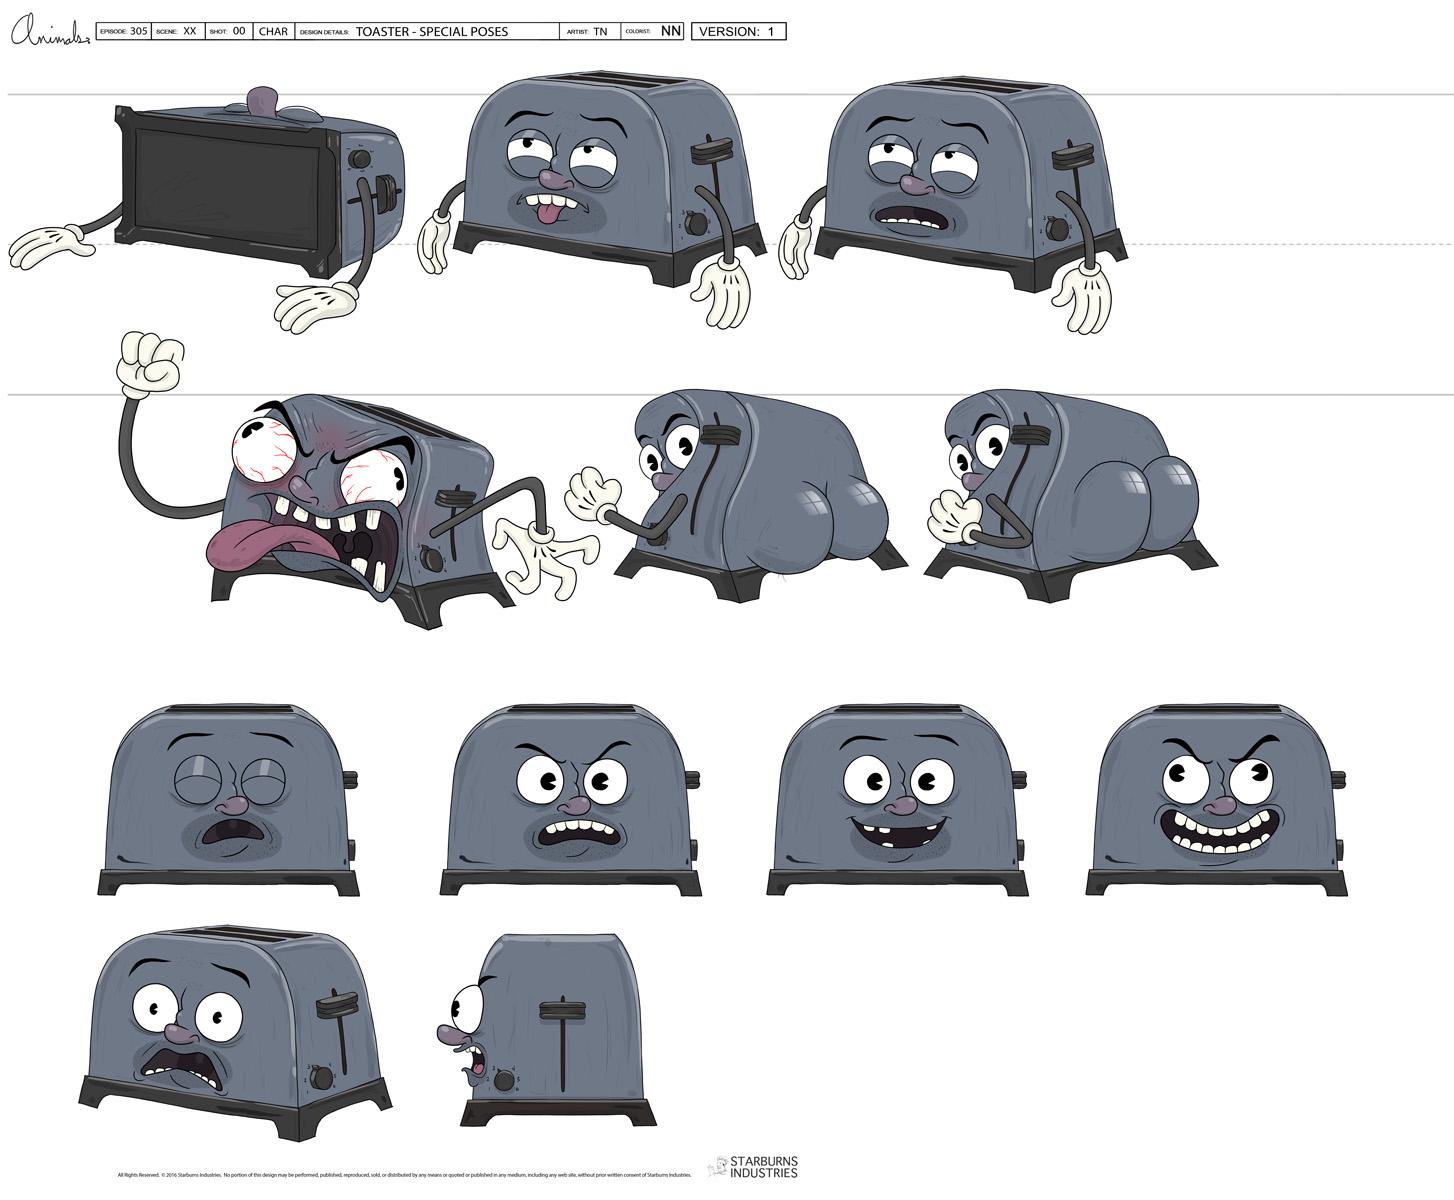 Animals Toaster 3_1.jpg